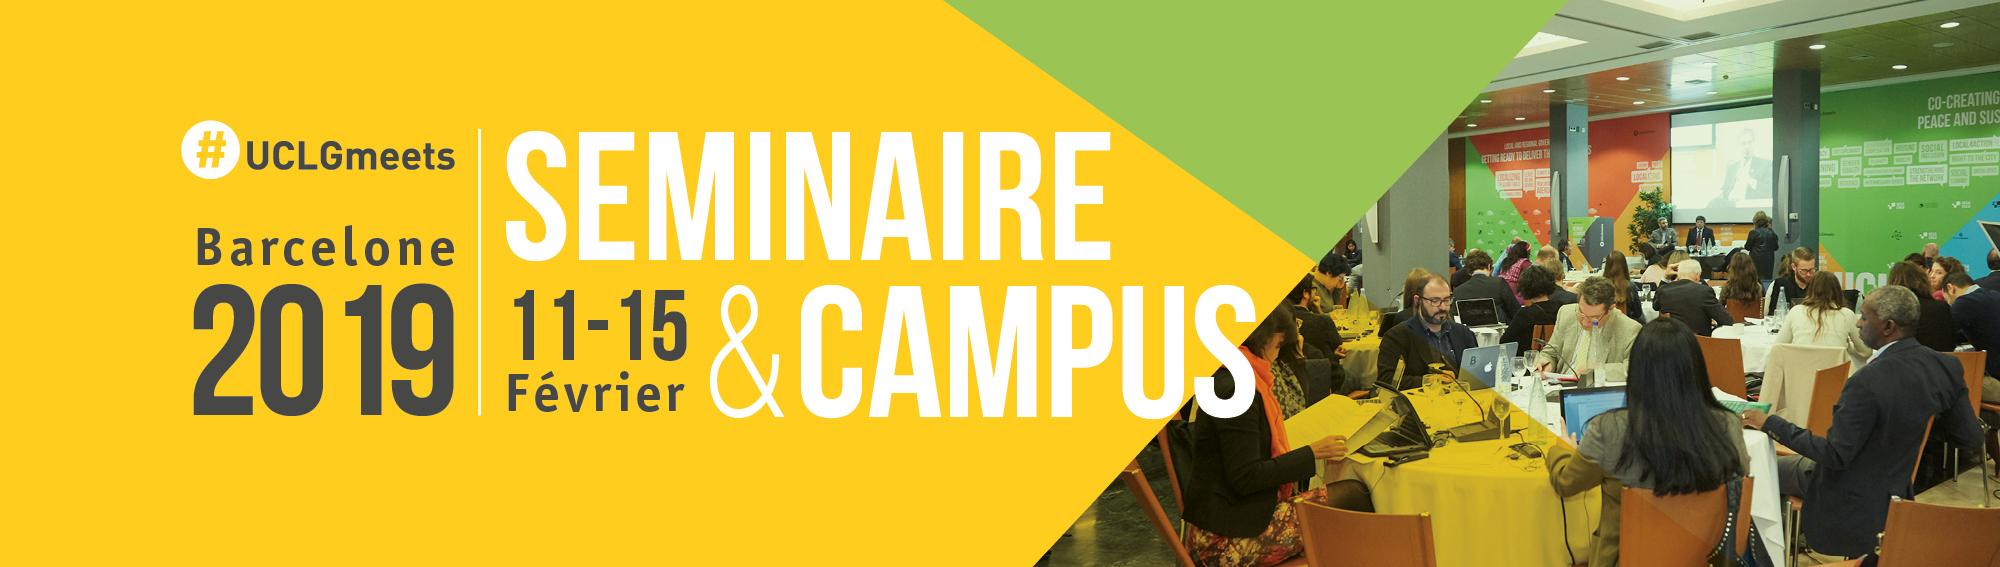 Seminaire & Campus CGLU 2019